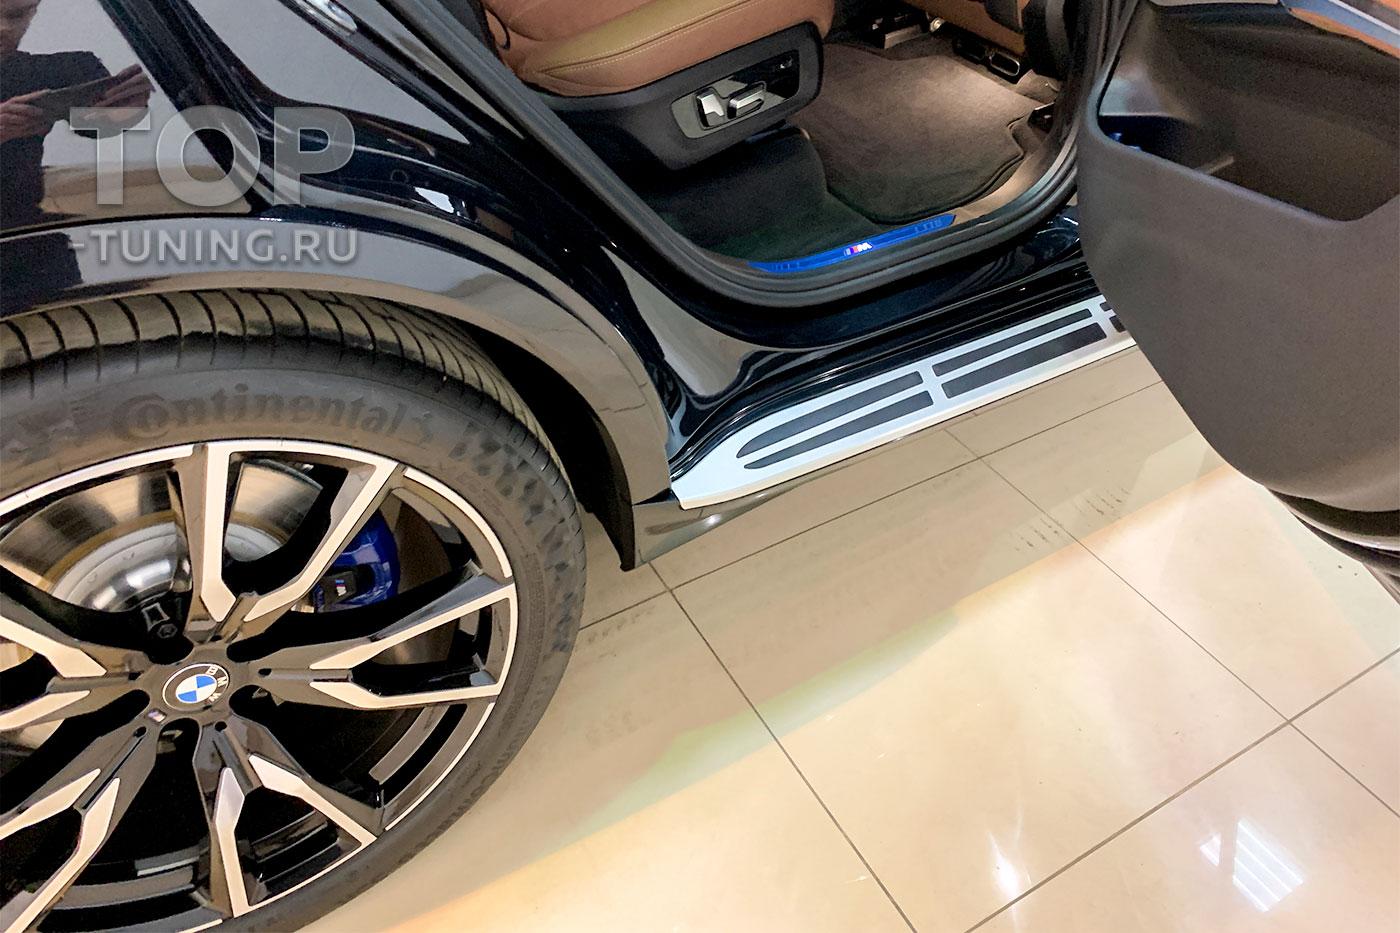 Дополнительная опция для BMW X7 из набора оригинального дополнительного оснащения.